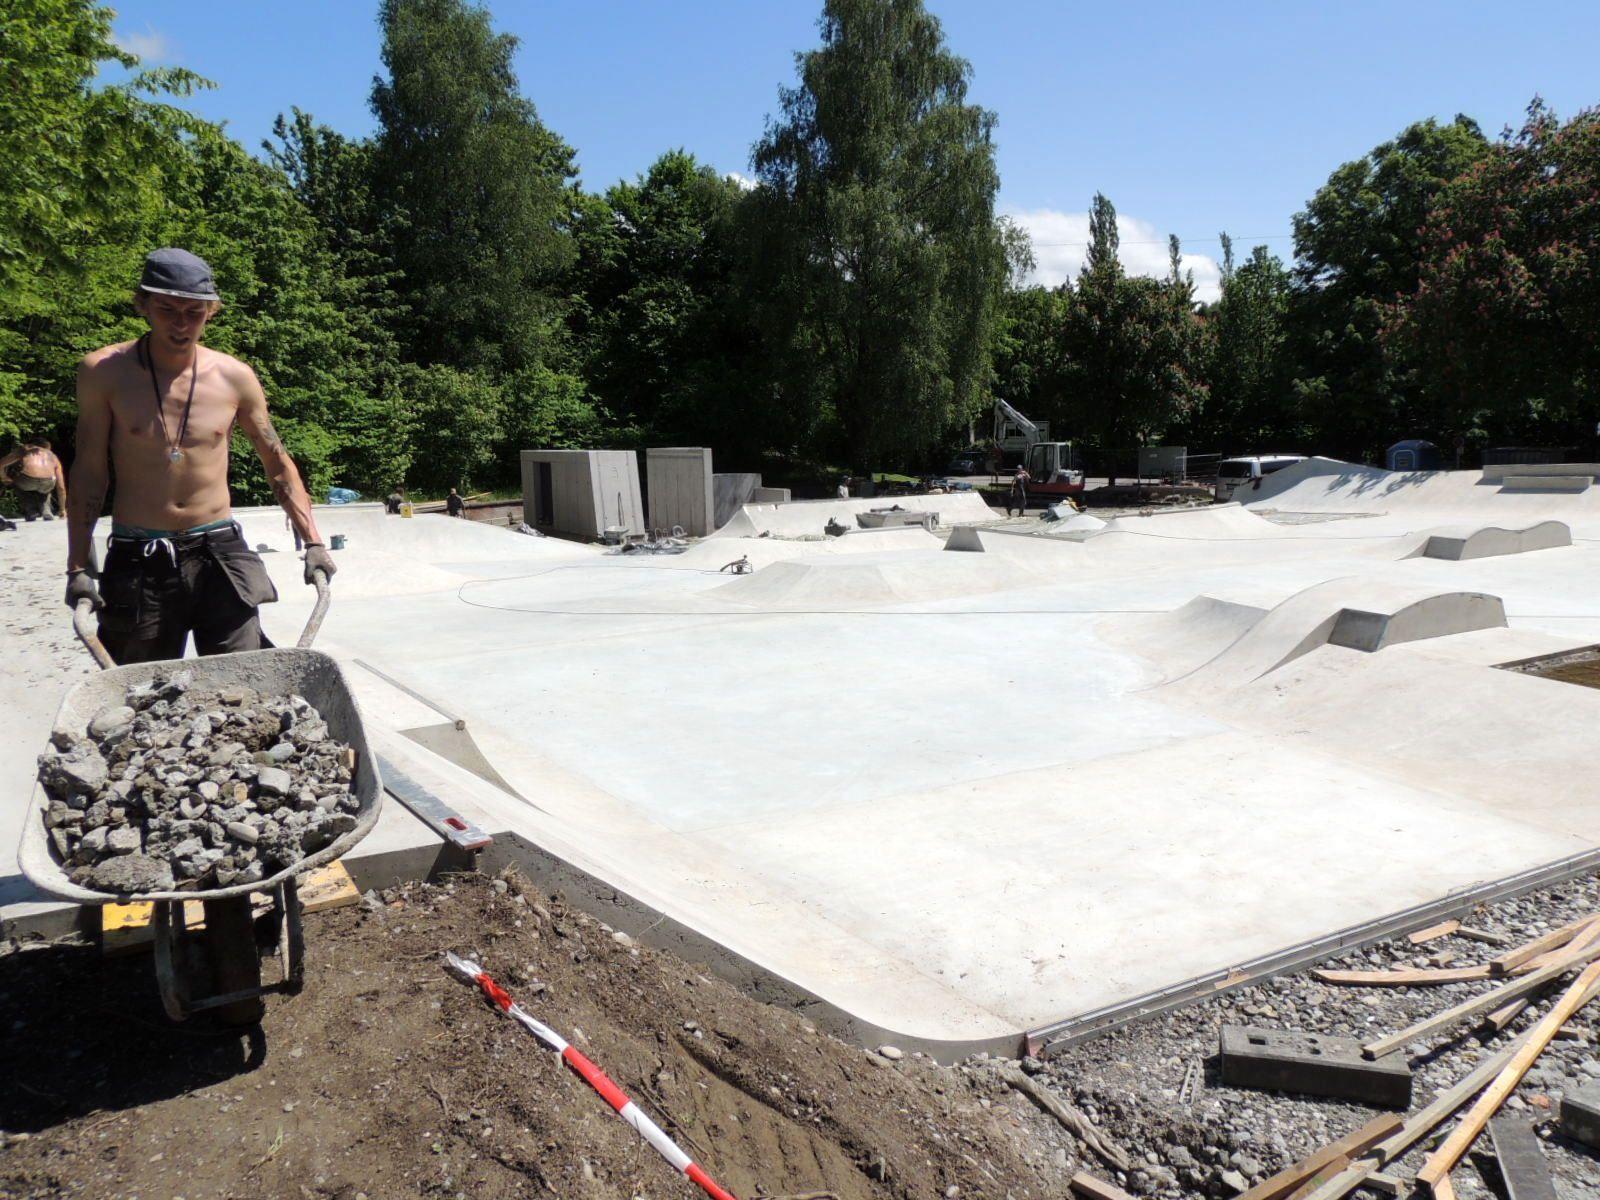 Skatepark in Kürze fertiggestellt